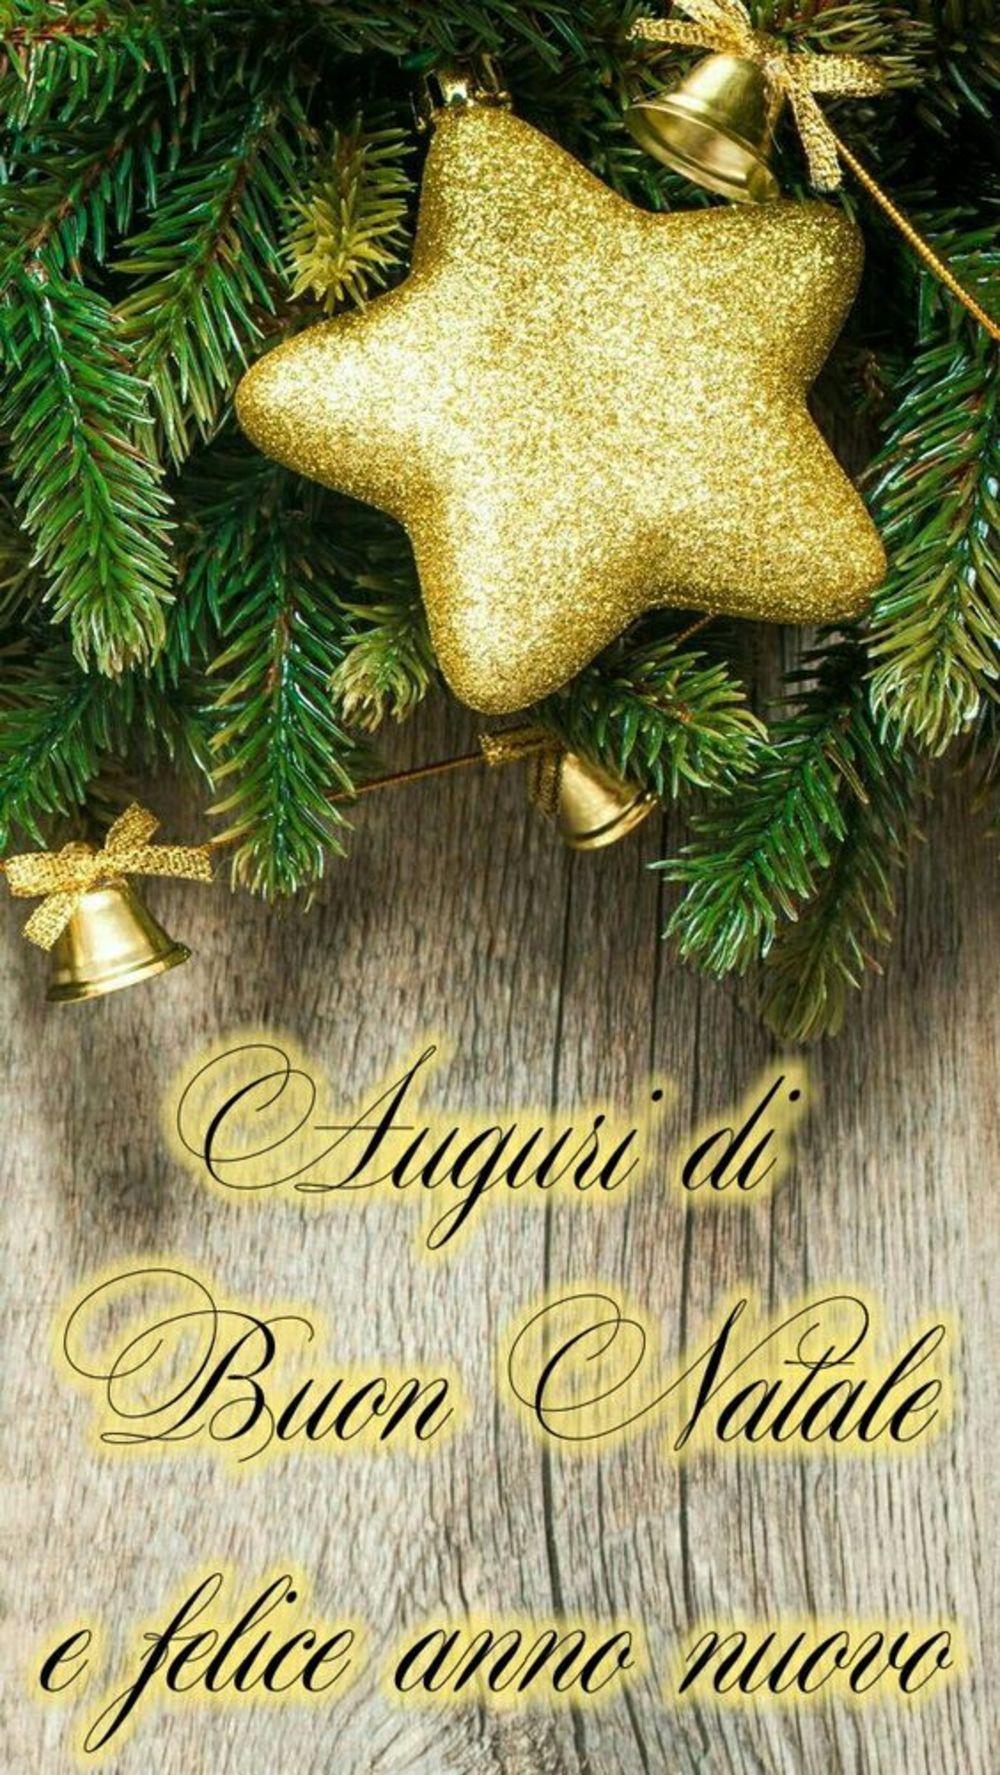 Auguri Di Buon Natale Felice Anno Nuovo